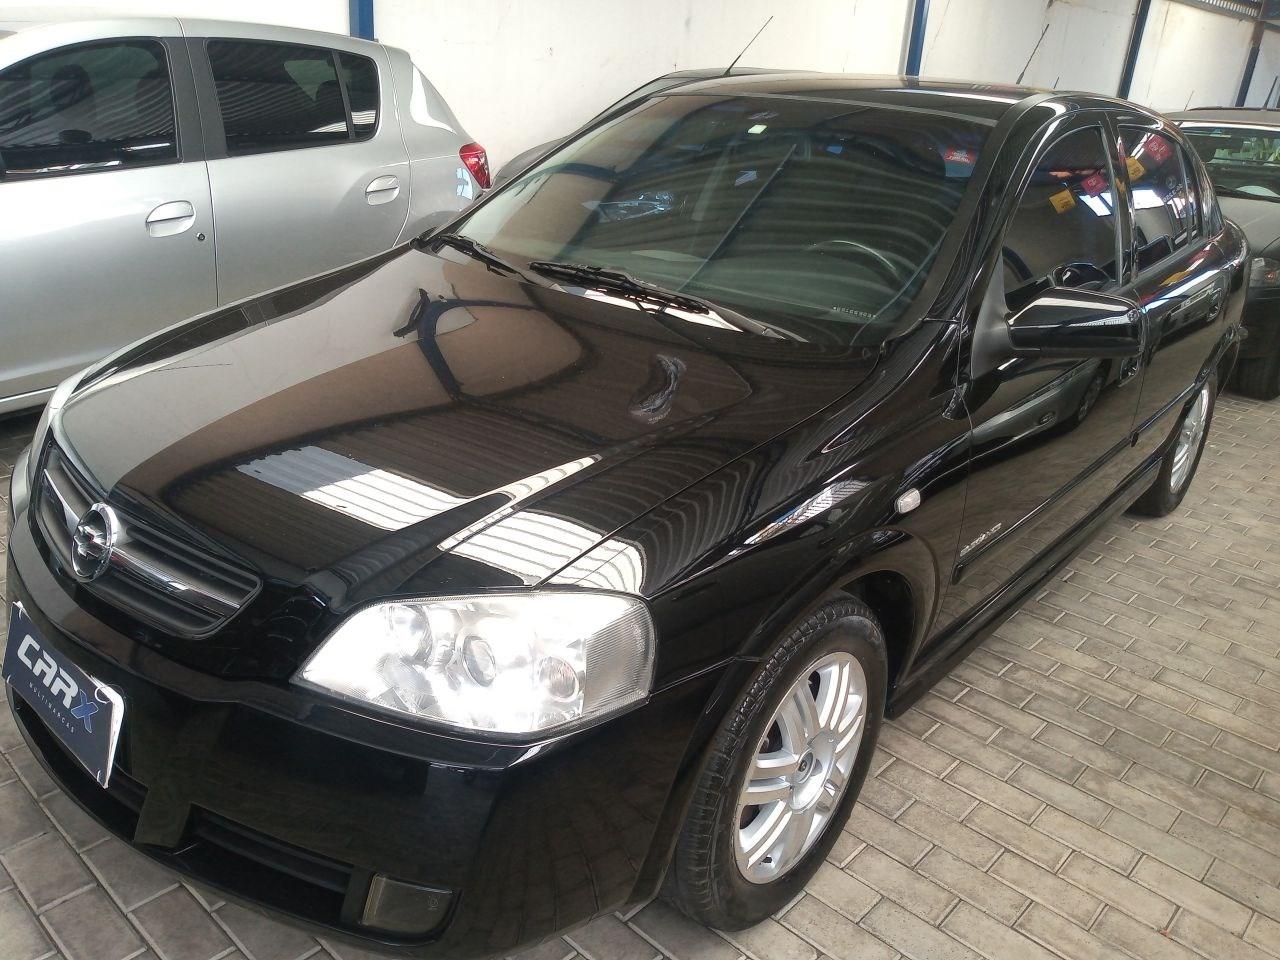 //www.autoline.com.br/carro/chevrolet/astra-20-hatch-elegance-8v-flex-4p-manual/2006/salto-sp/14028701